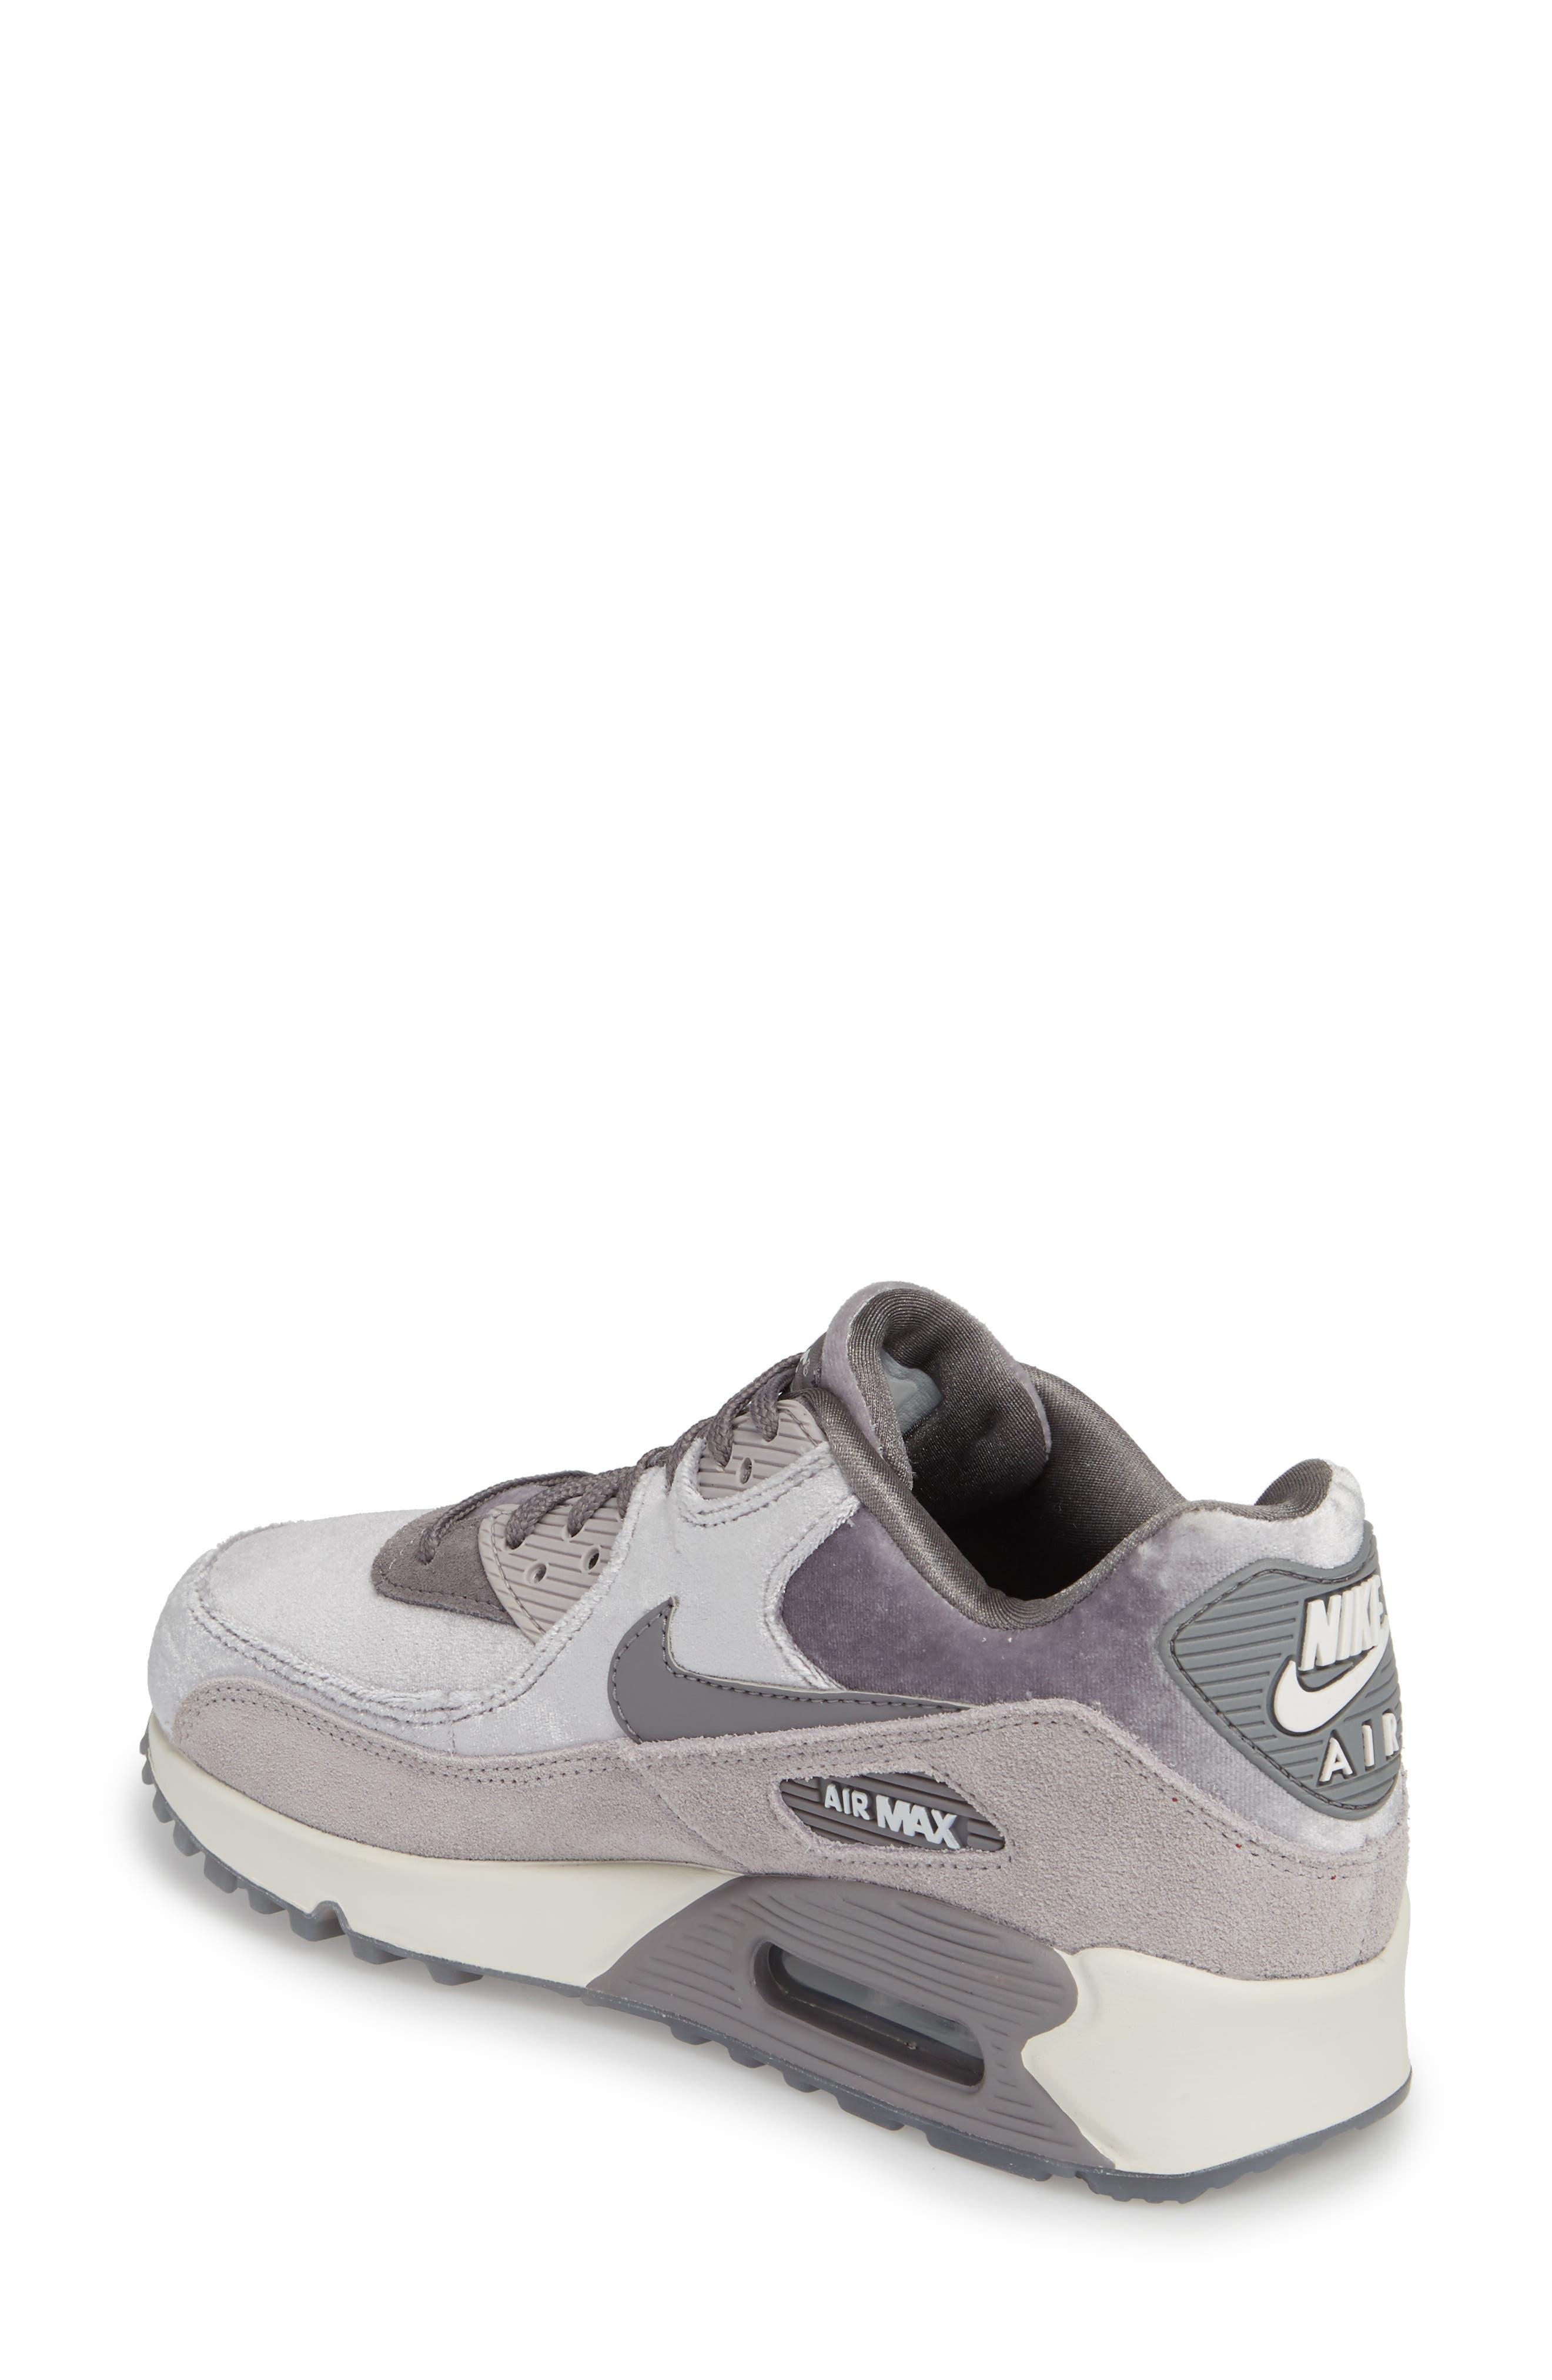 Air Max 90 LX Sneaker,                             Alternate thumbnail 2, color,                             Smoke/ Smoke